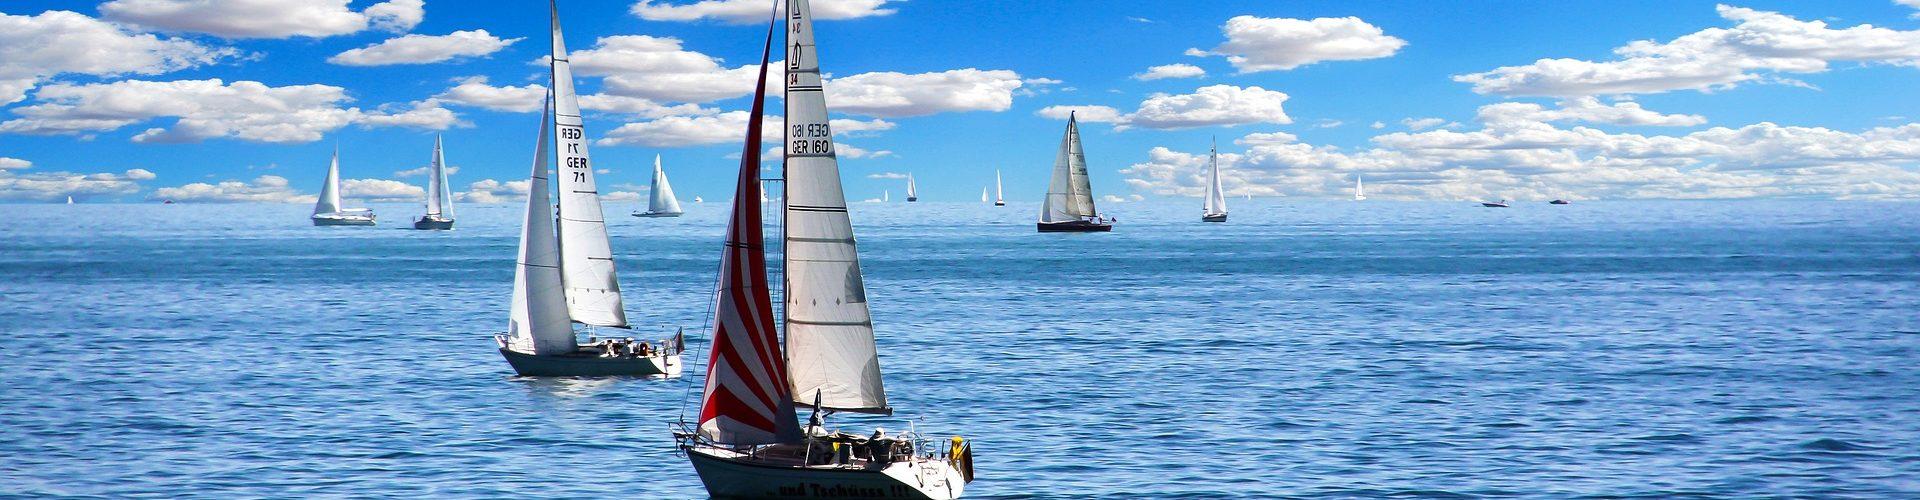 segeln lernen in Hoya segelschein machen in Hoya 1920x500 - Segeln lernen in Hoya